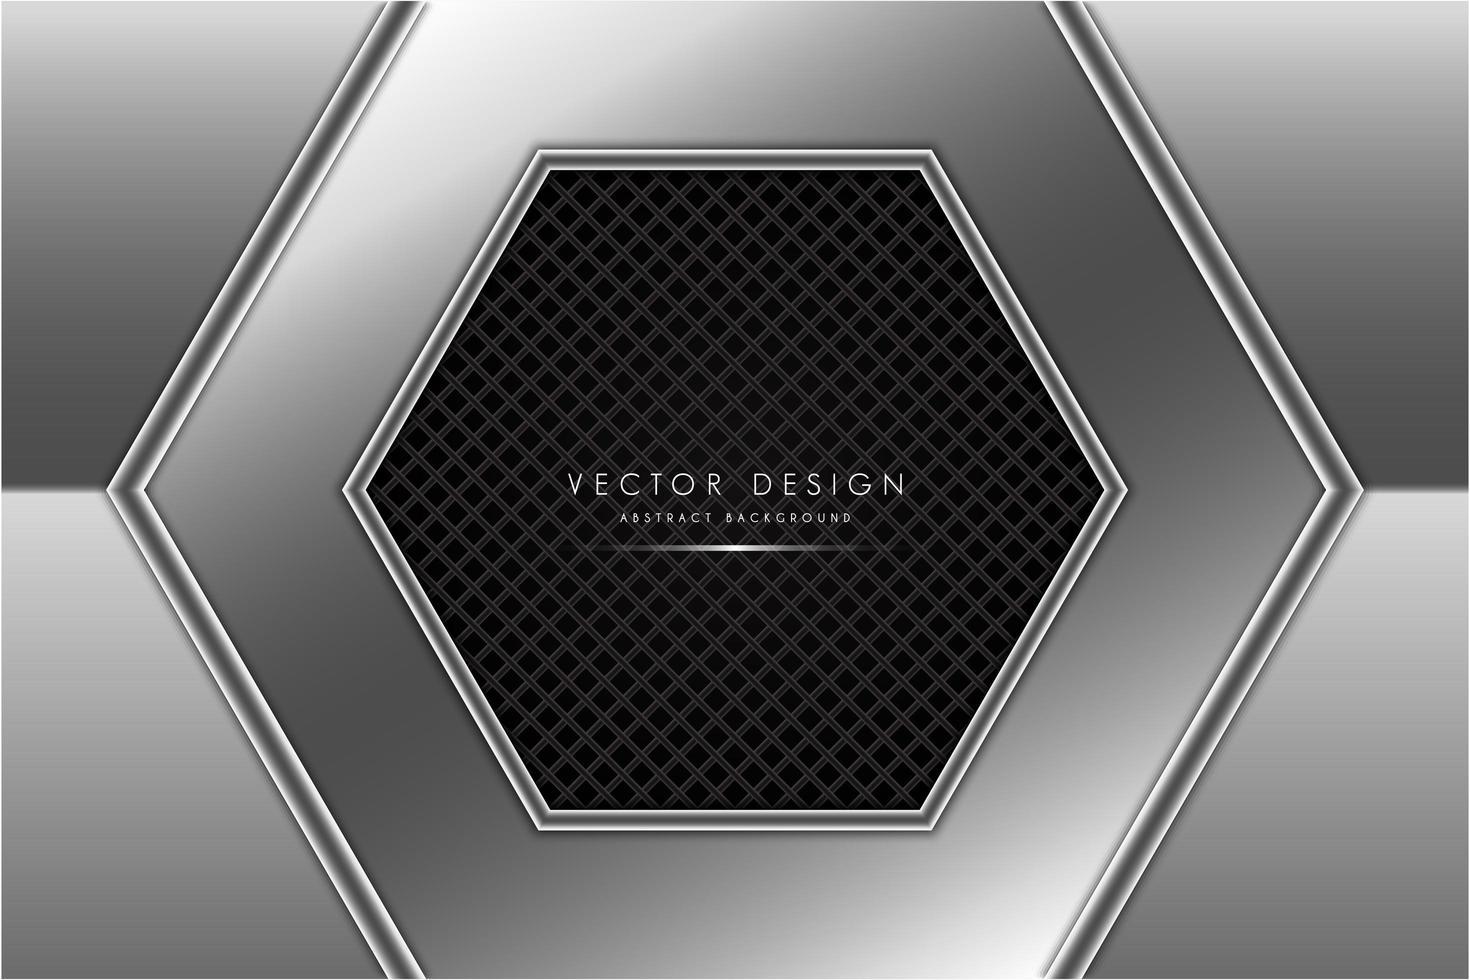 forme hexagonale gris métallique avec texture en fibre de carbone vecteur